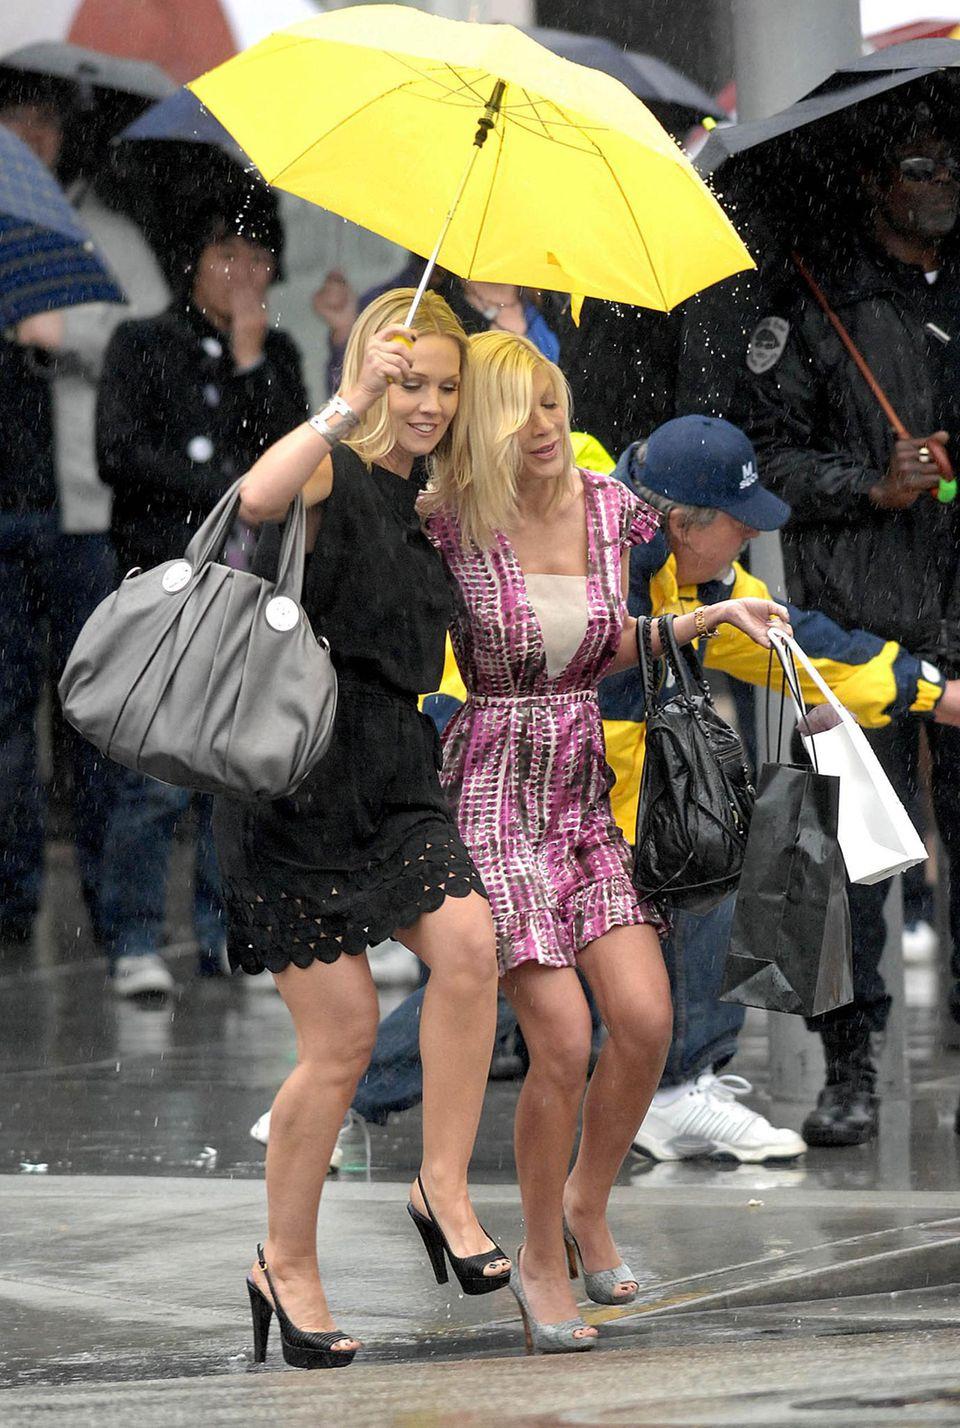 """Februar 2009  Eigentlich wollte sie nicht mehr mitspielen, aber dann hat Tori Spelling die Gastrolle doch angenommen: Mit ihren Kollegen von """"Beverly Hills, 90210"""" - wie hier Jennie Garth - steht sie für die Neuauflage """"90210"""" wieder als """"Donna Martin"""" vor der Kamera."""